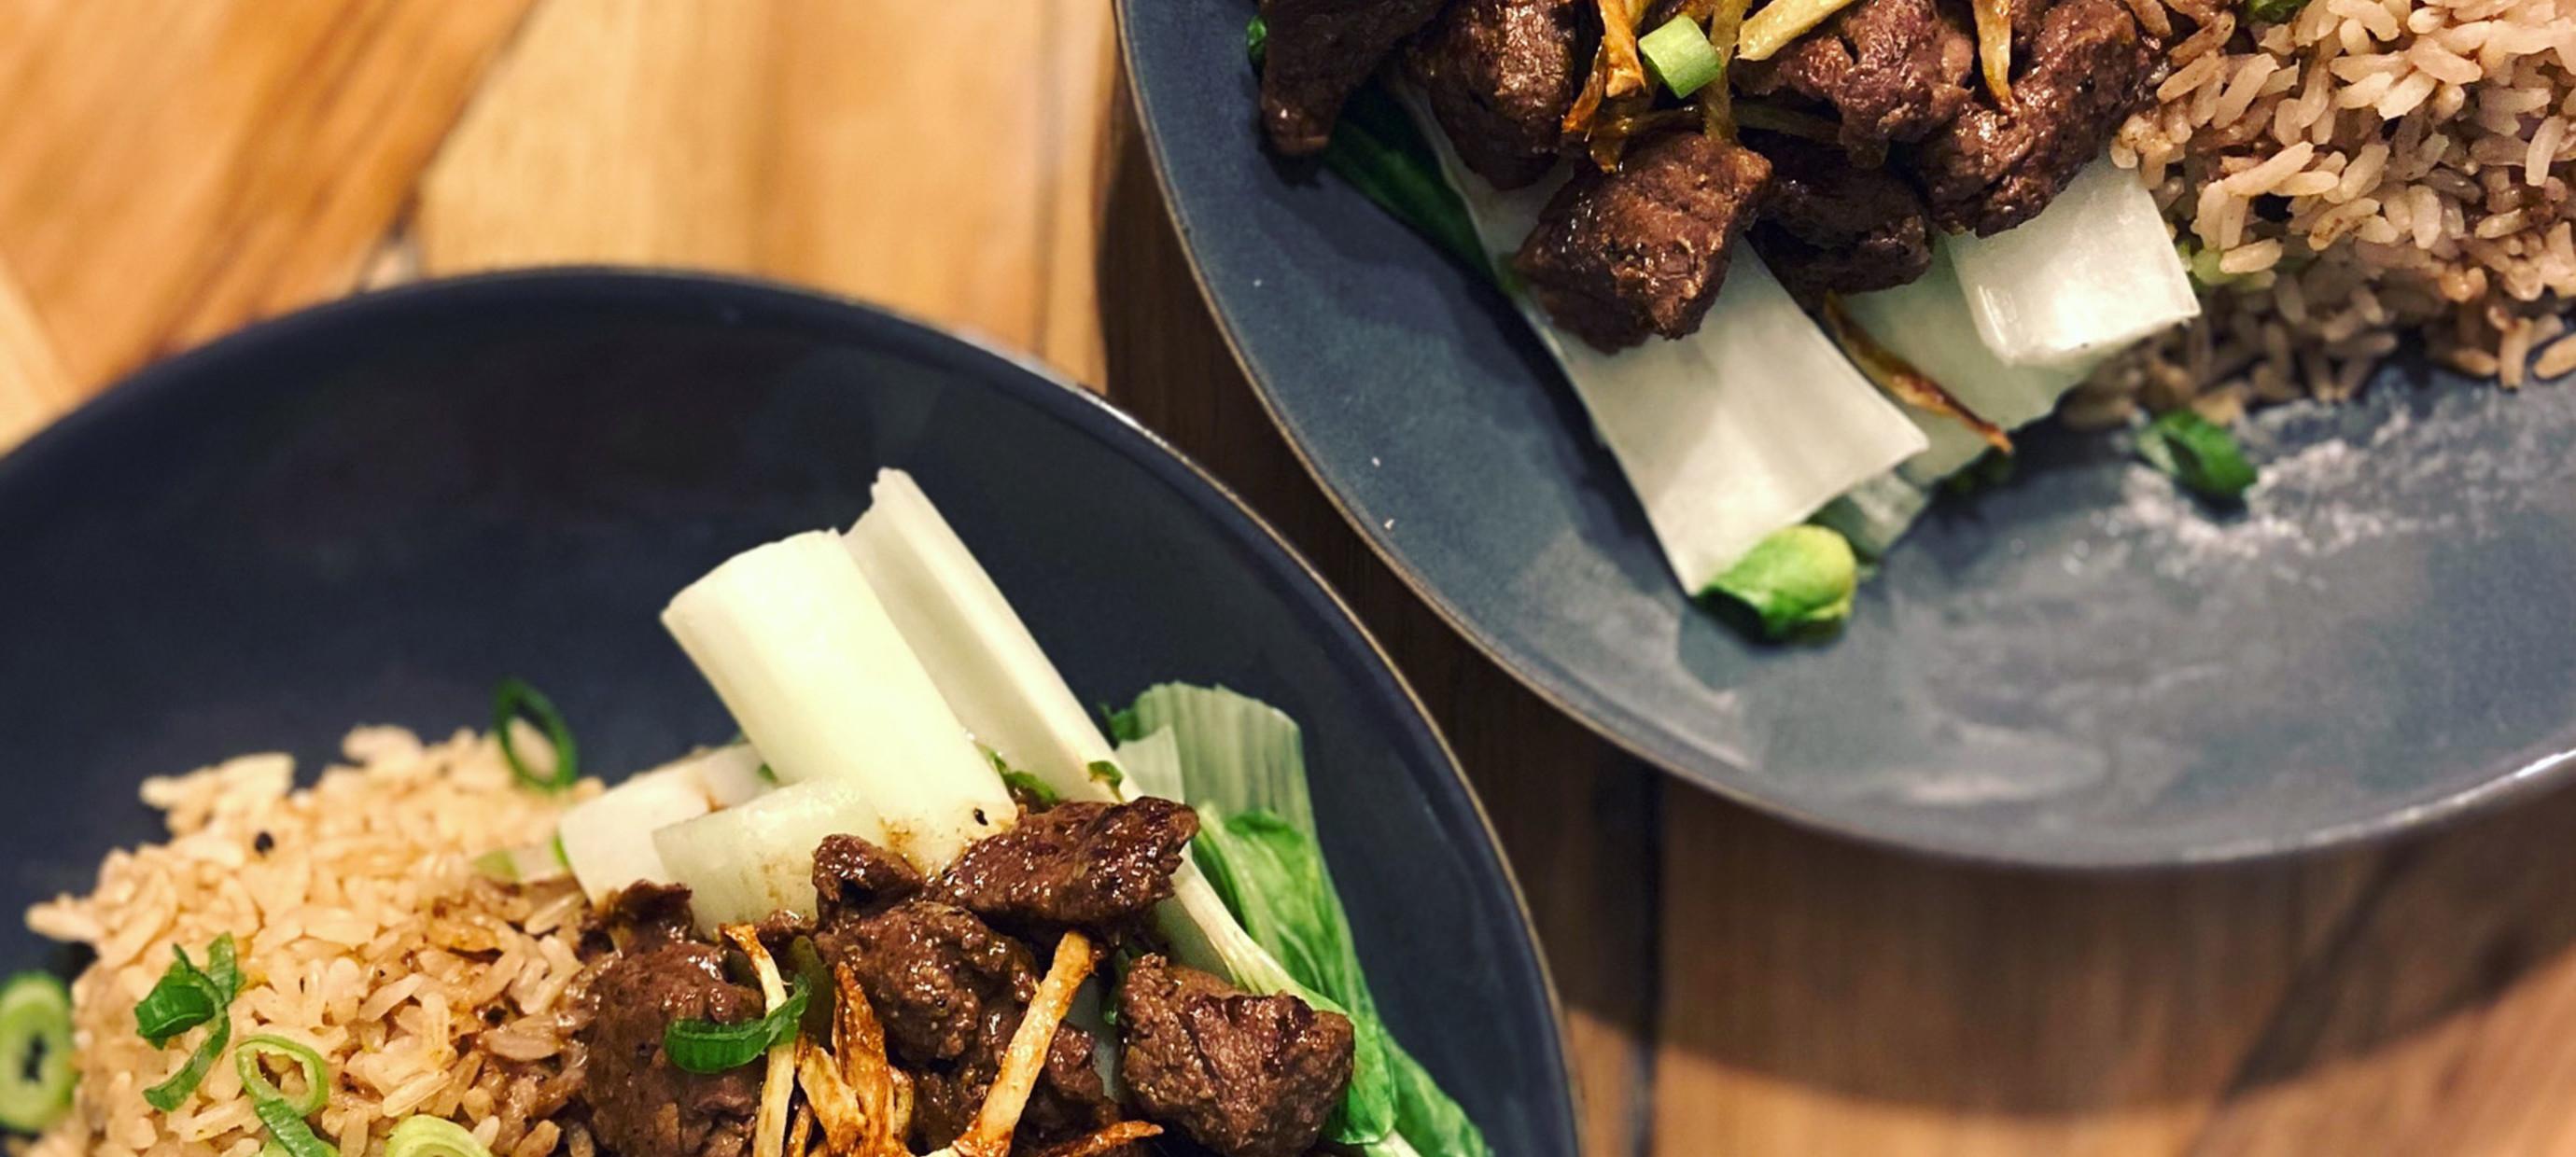 Miso Biefstuk van Fab.kookt